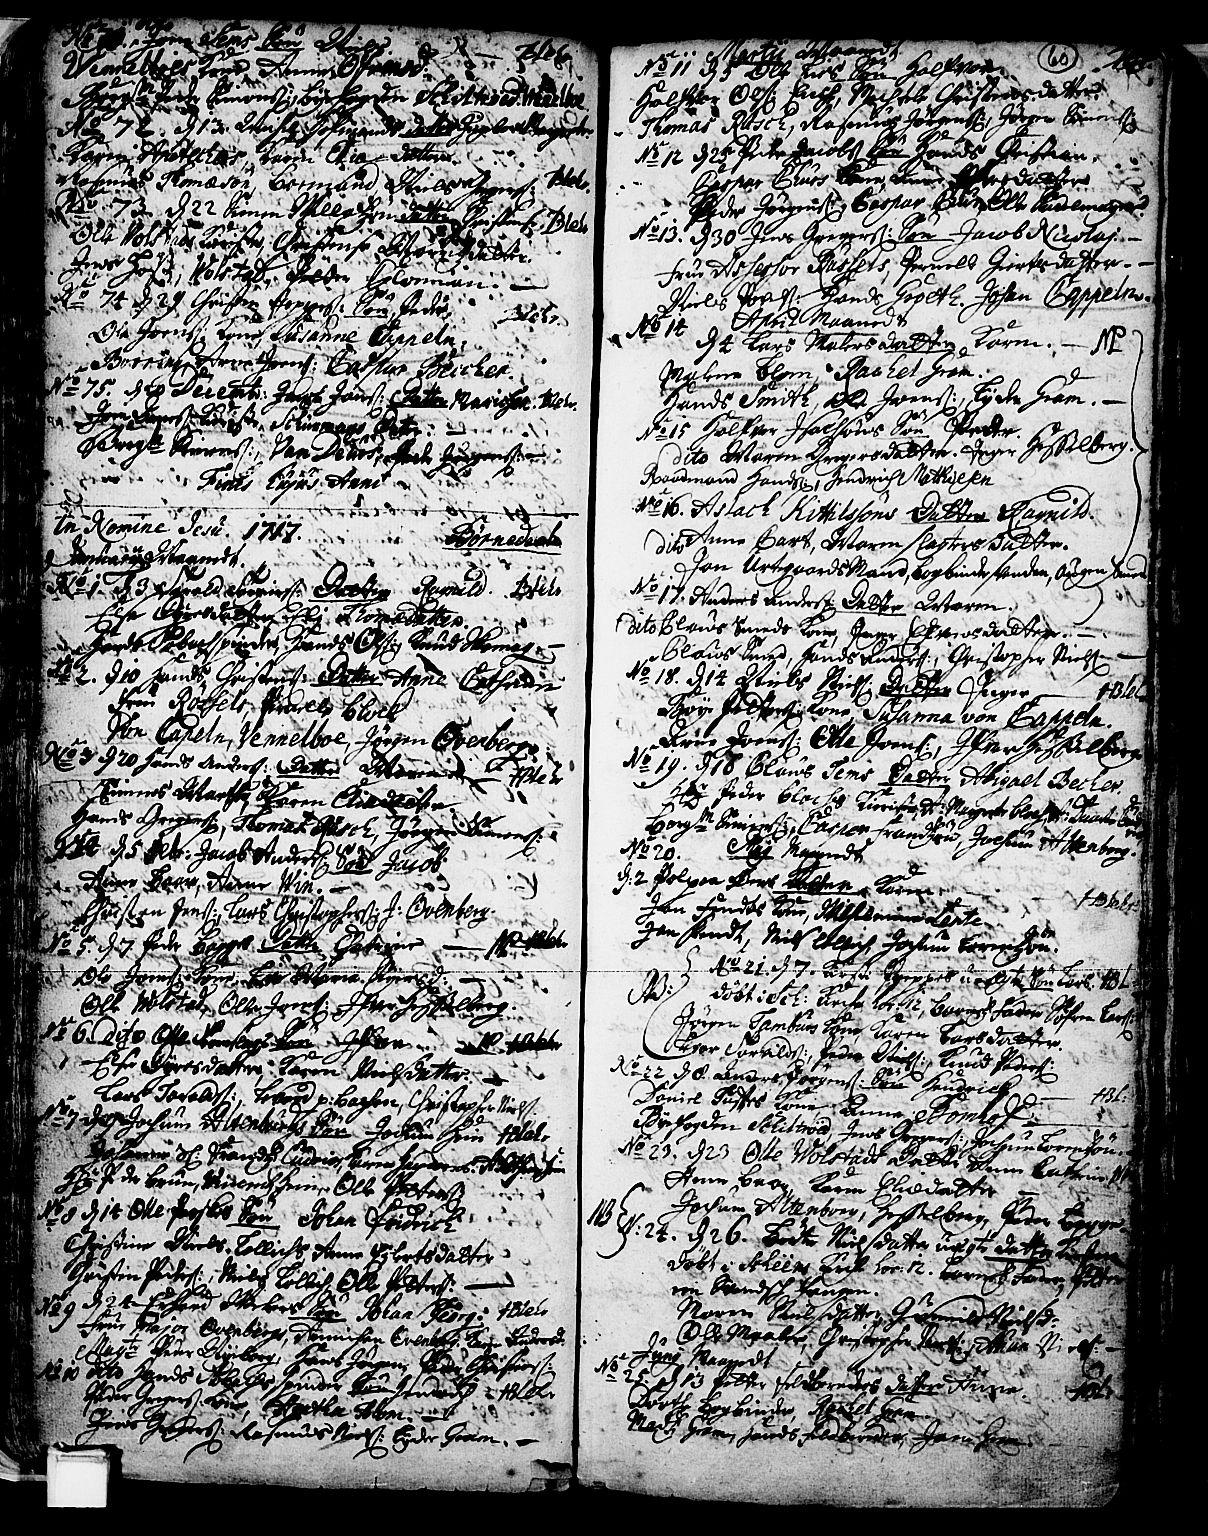 SAKO, Skien kirkebøker, F/Fa/L0002: Ministerialbok nr. 2, 1716-1757, s. 60